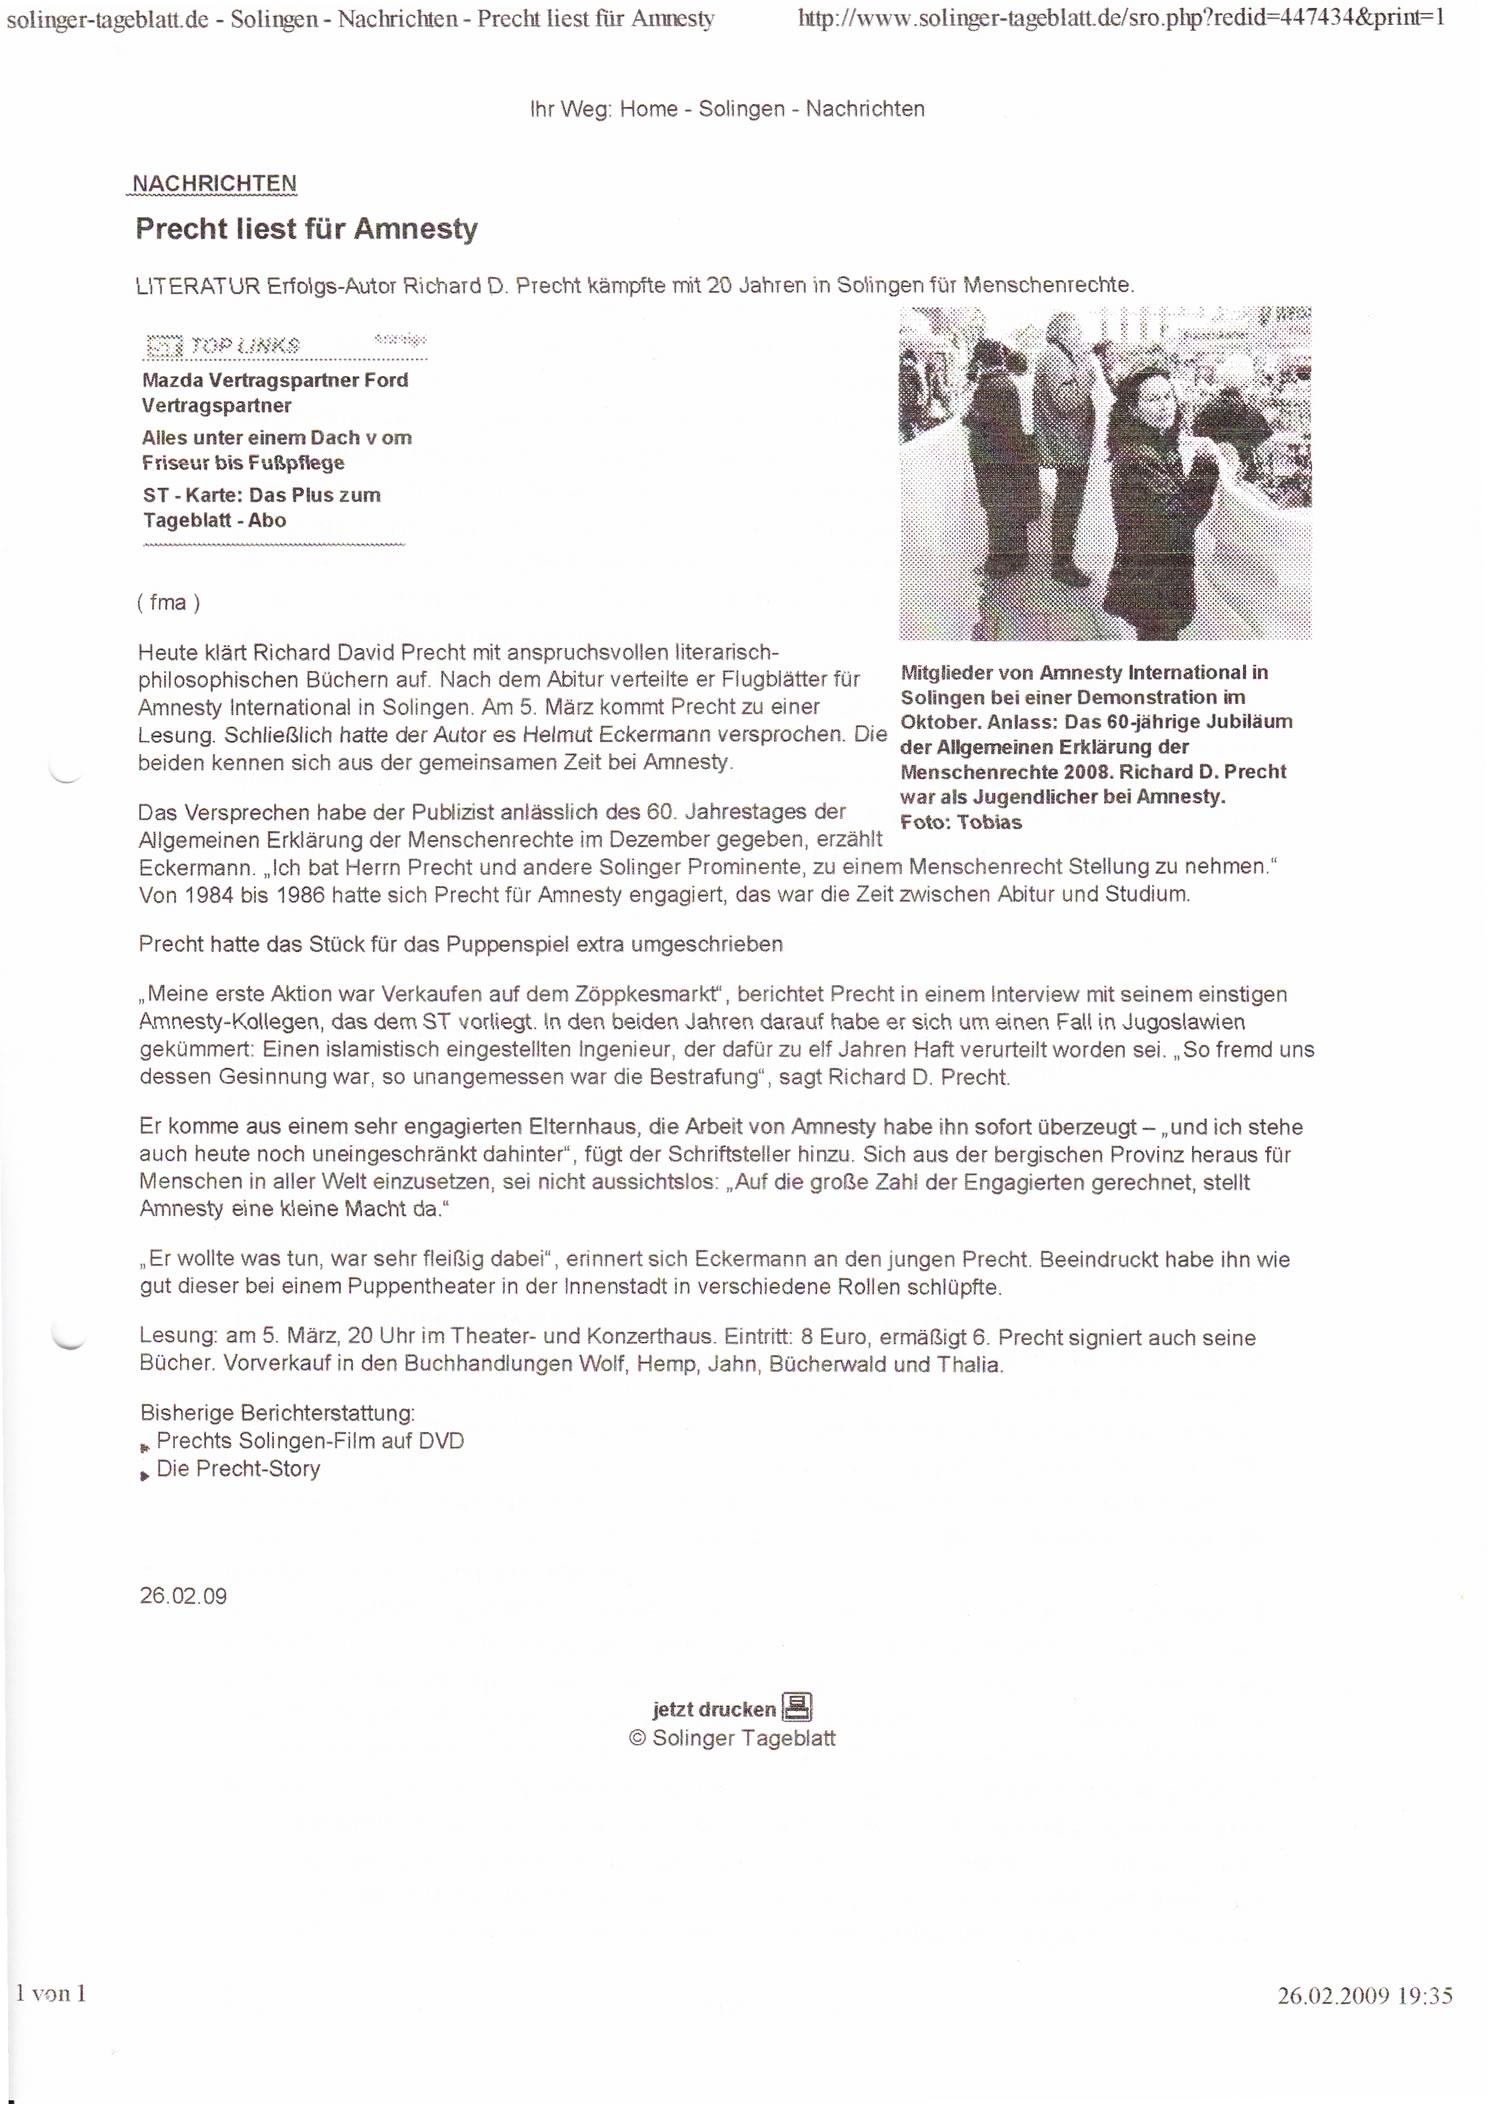 Solinger Tageblatt 02/09: Ankündigung Lesung Richard David Precht